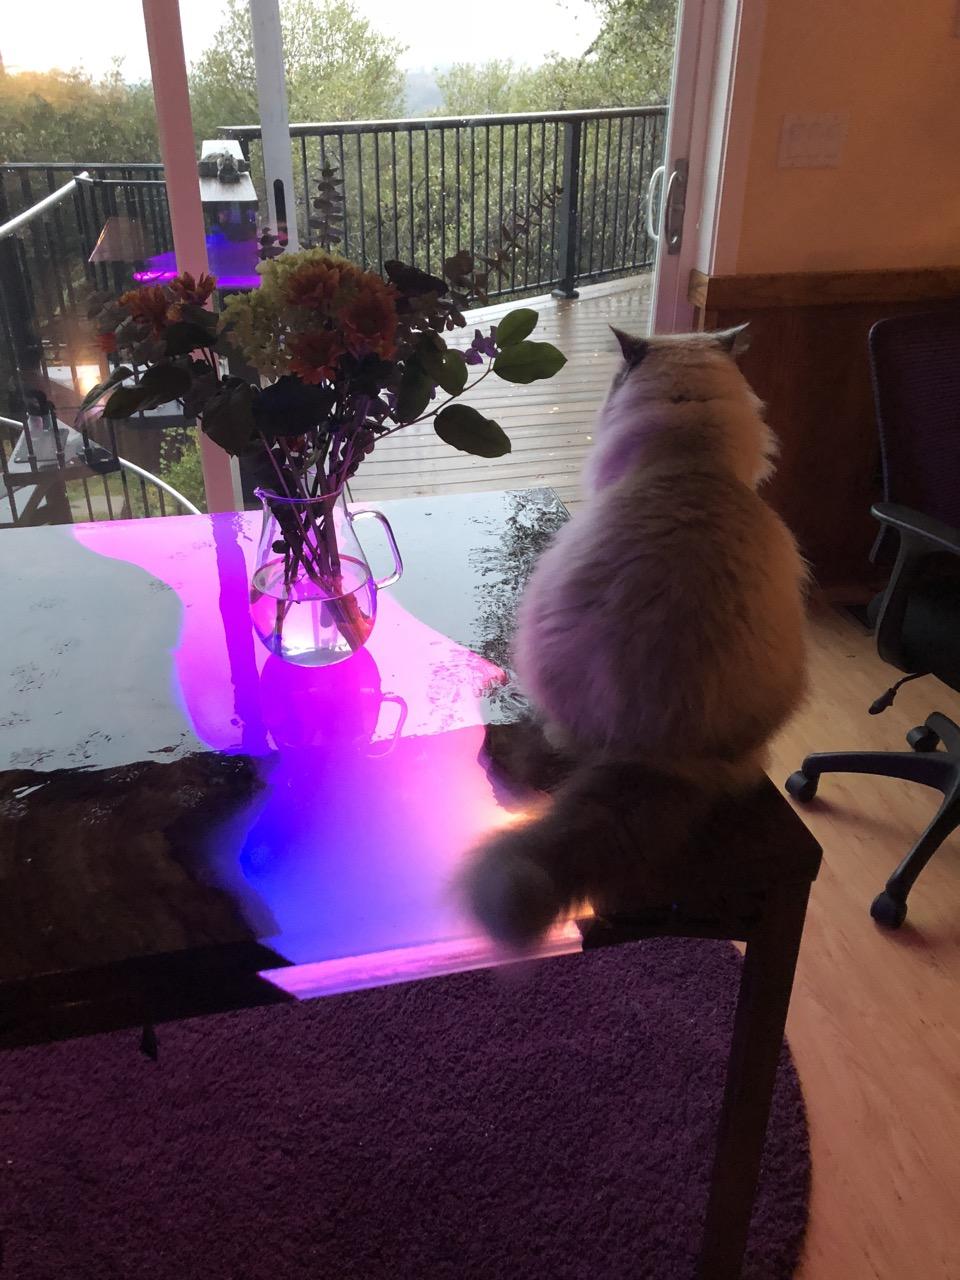 led_strips_table_cat.jpg